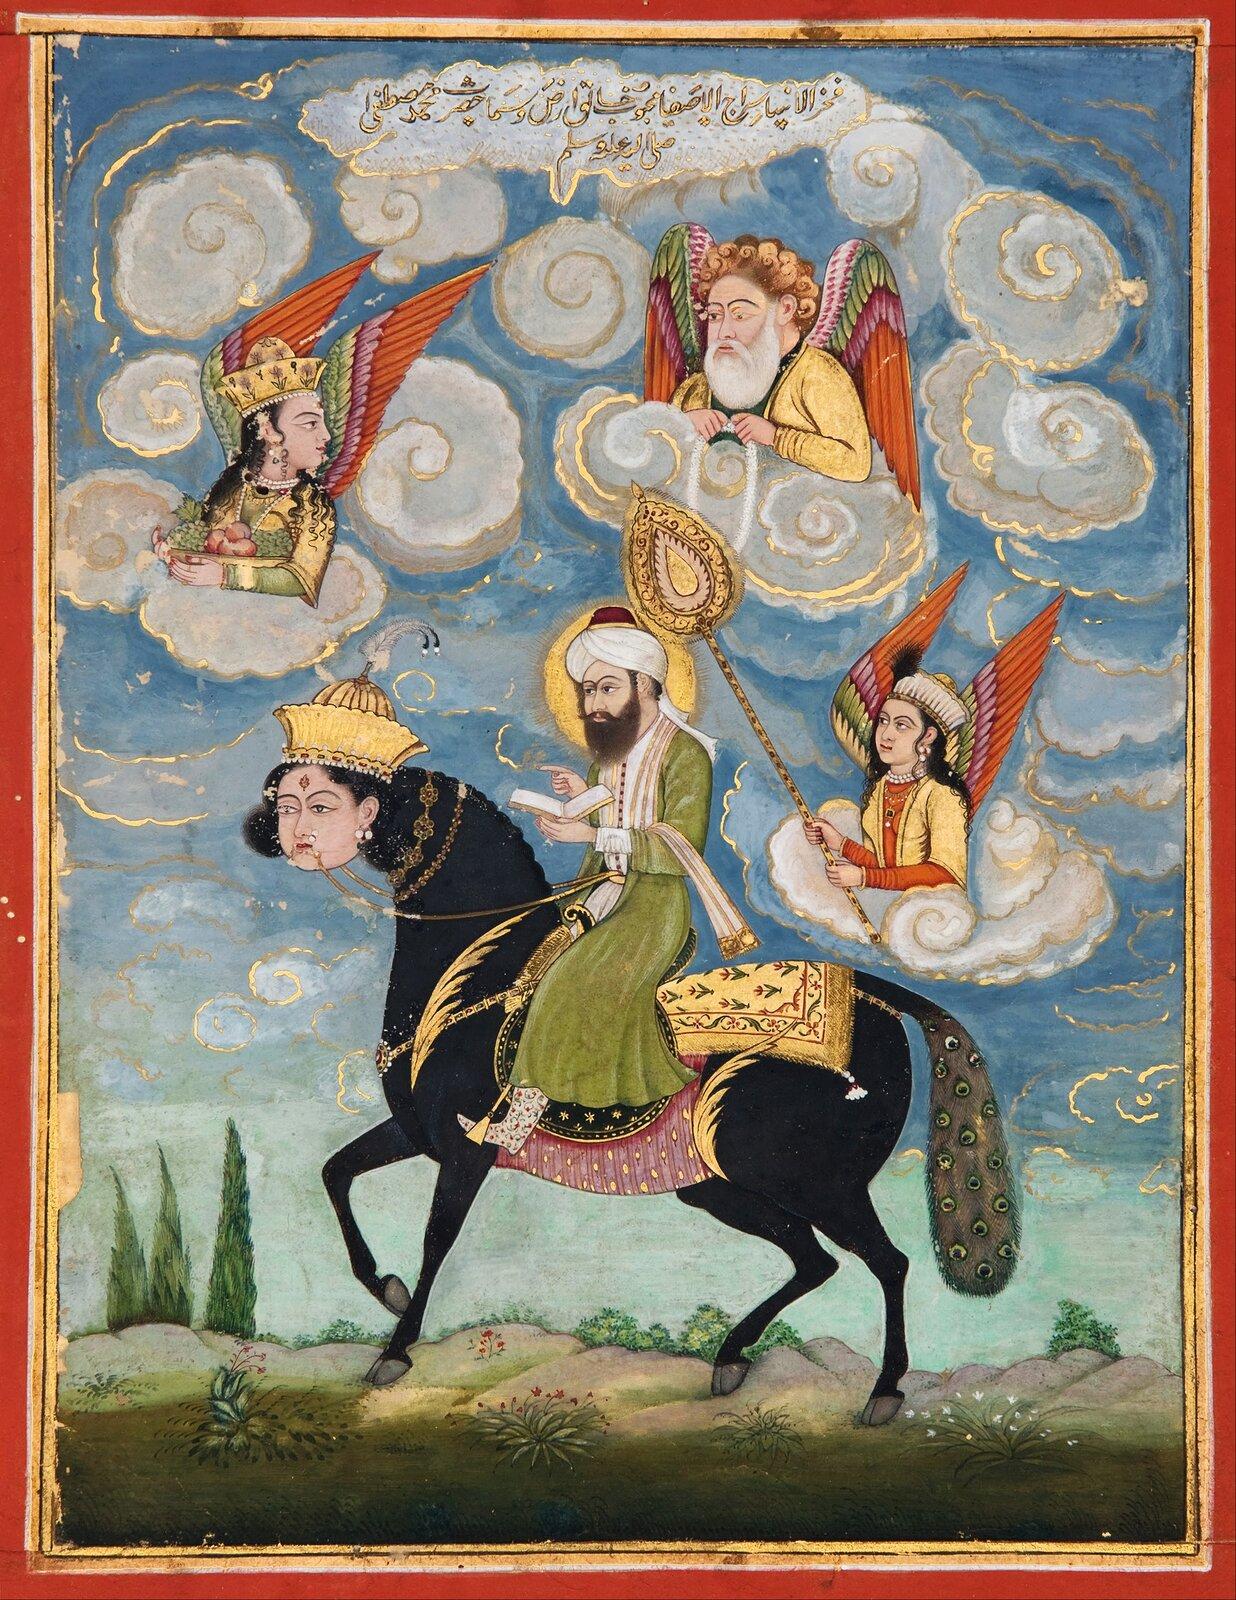 Portret Mahometa jadącego na rumaku Mahomet Źródło: Portret Mahometa jadącego na rumaku, Galeria Sztuki Południowej Australii , domena publiczna.